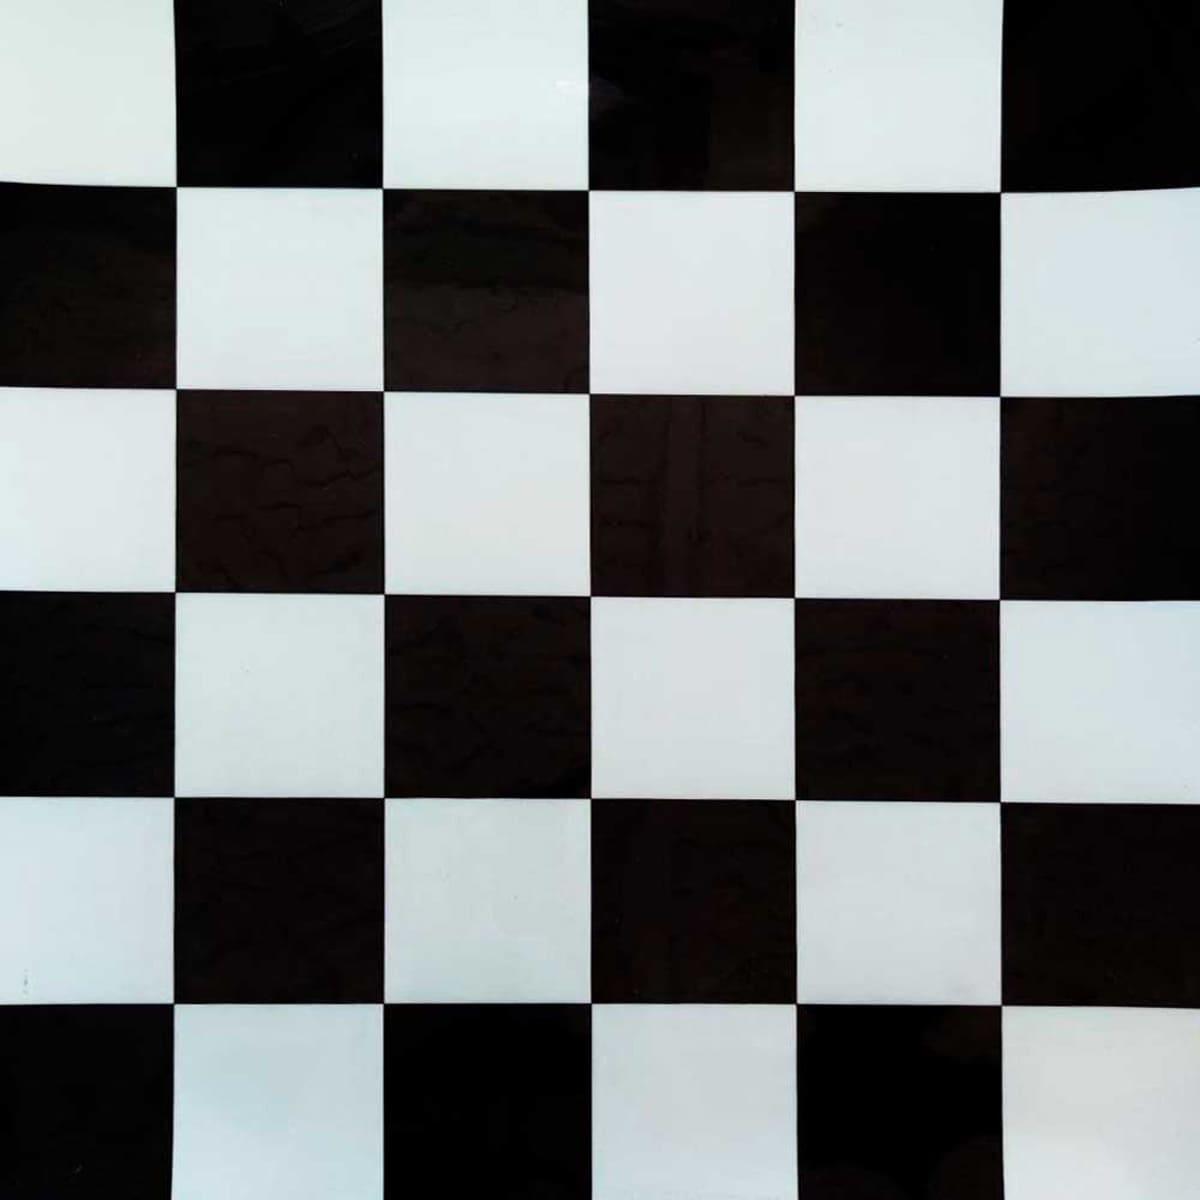 Самоклеюча вінілова плитка 600х600х1,5мм, ціна за 1 шт. (СВП-206) Глянець